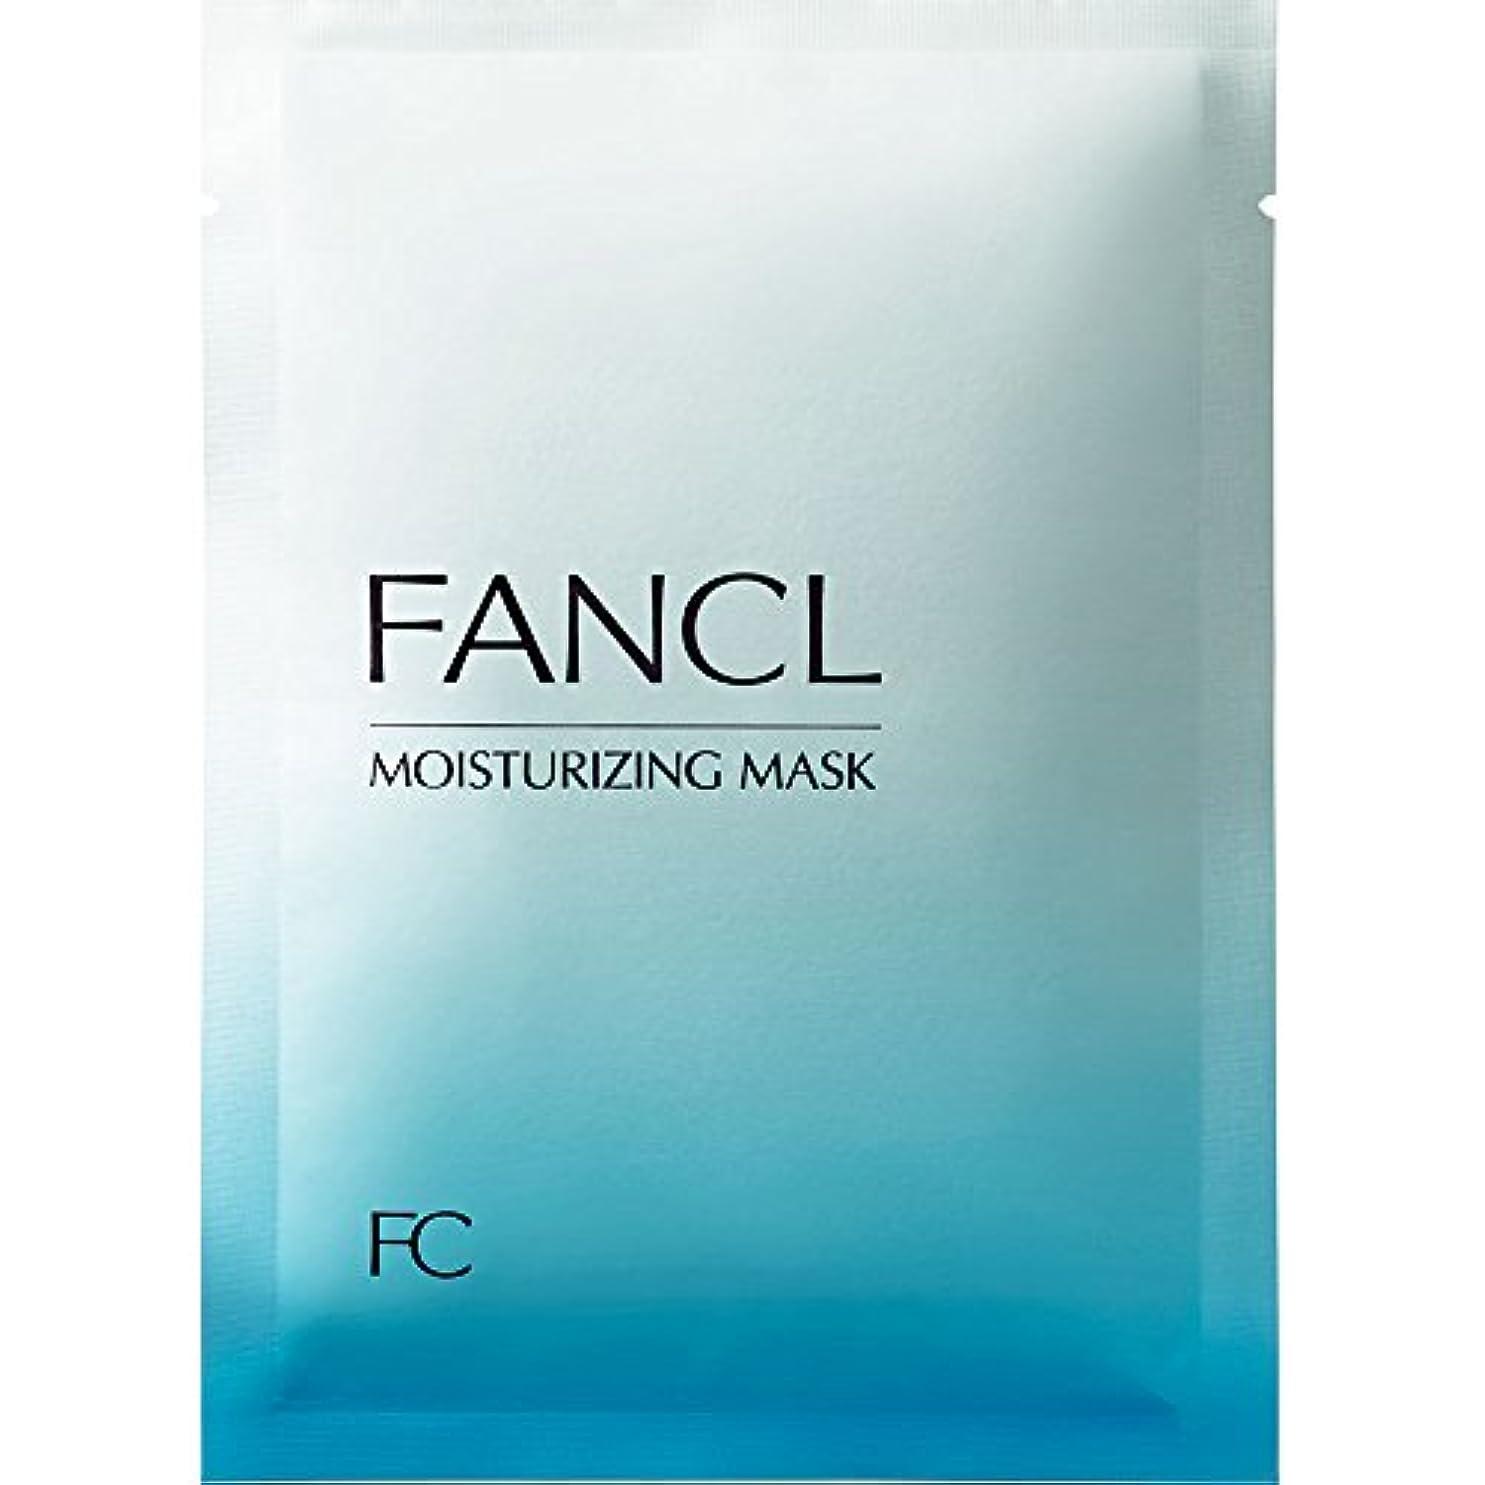 医療の均等に支出ファンケル (FANCL) モイスチャライジング マスク 6枚セット (18mL×6)